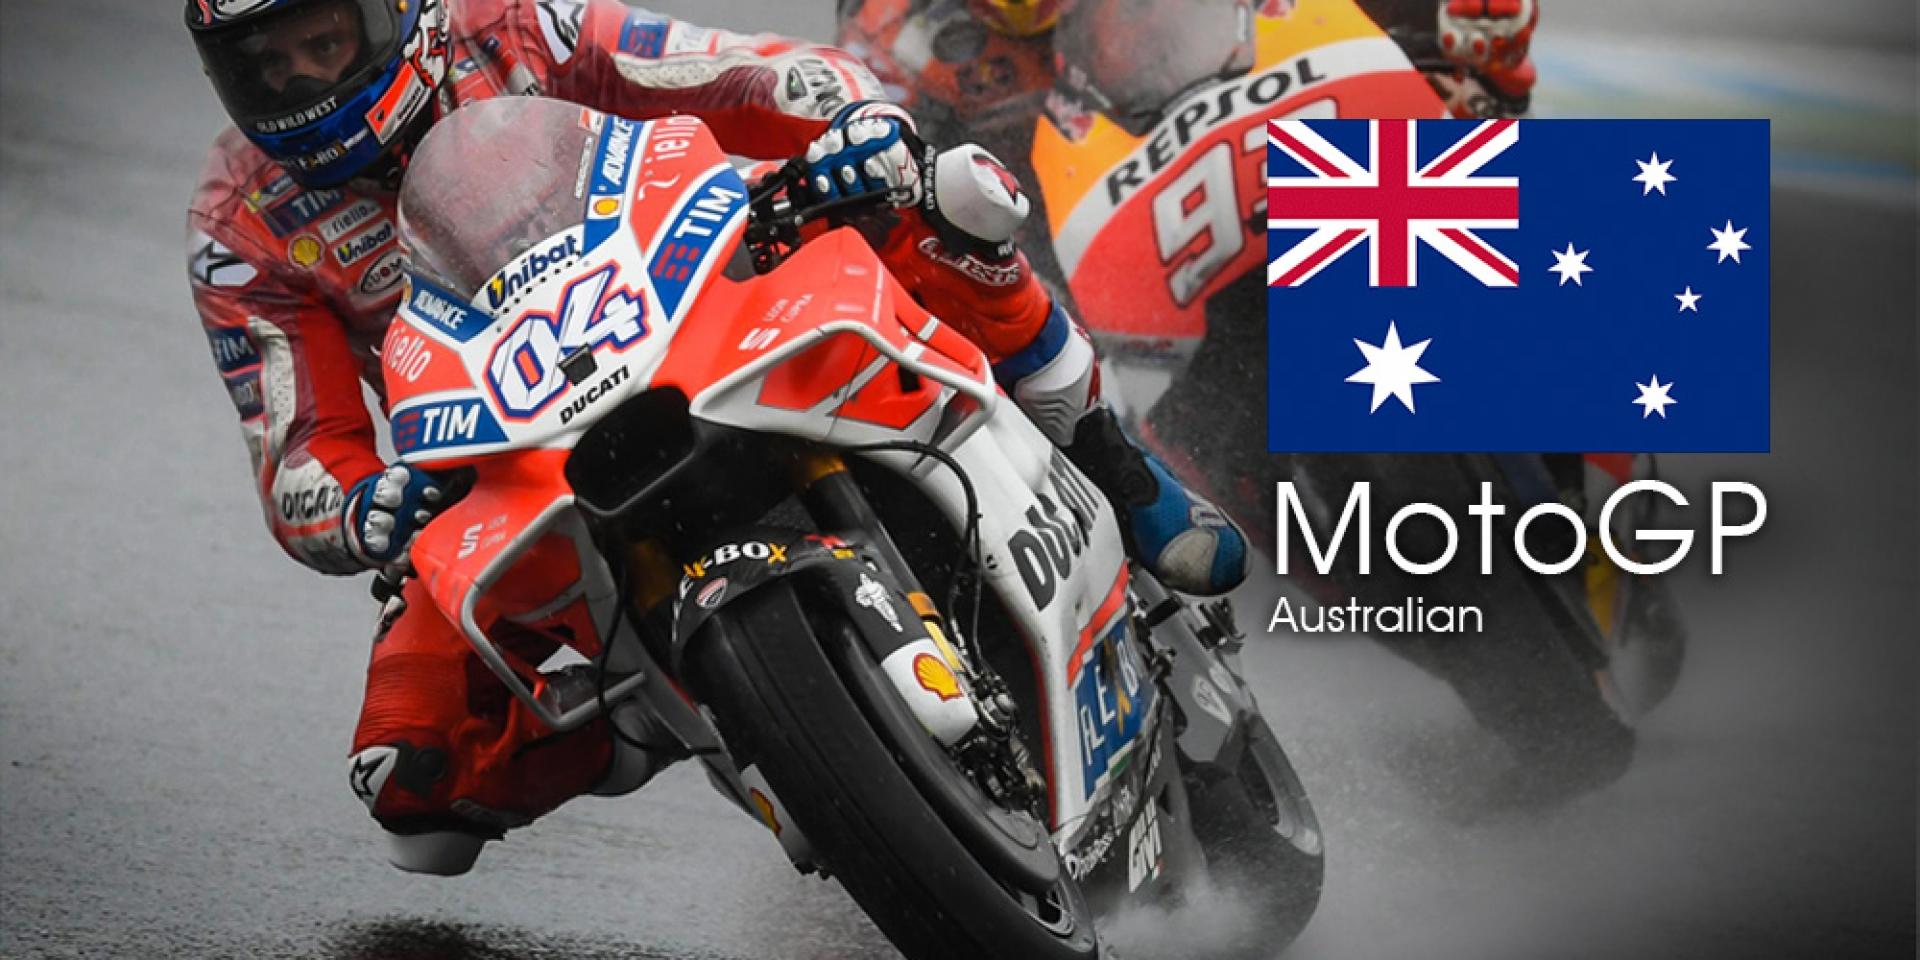 MotoGP 第16站(倒數第3站)澳洲站轉播時間